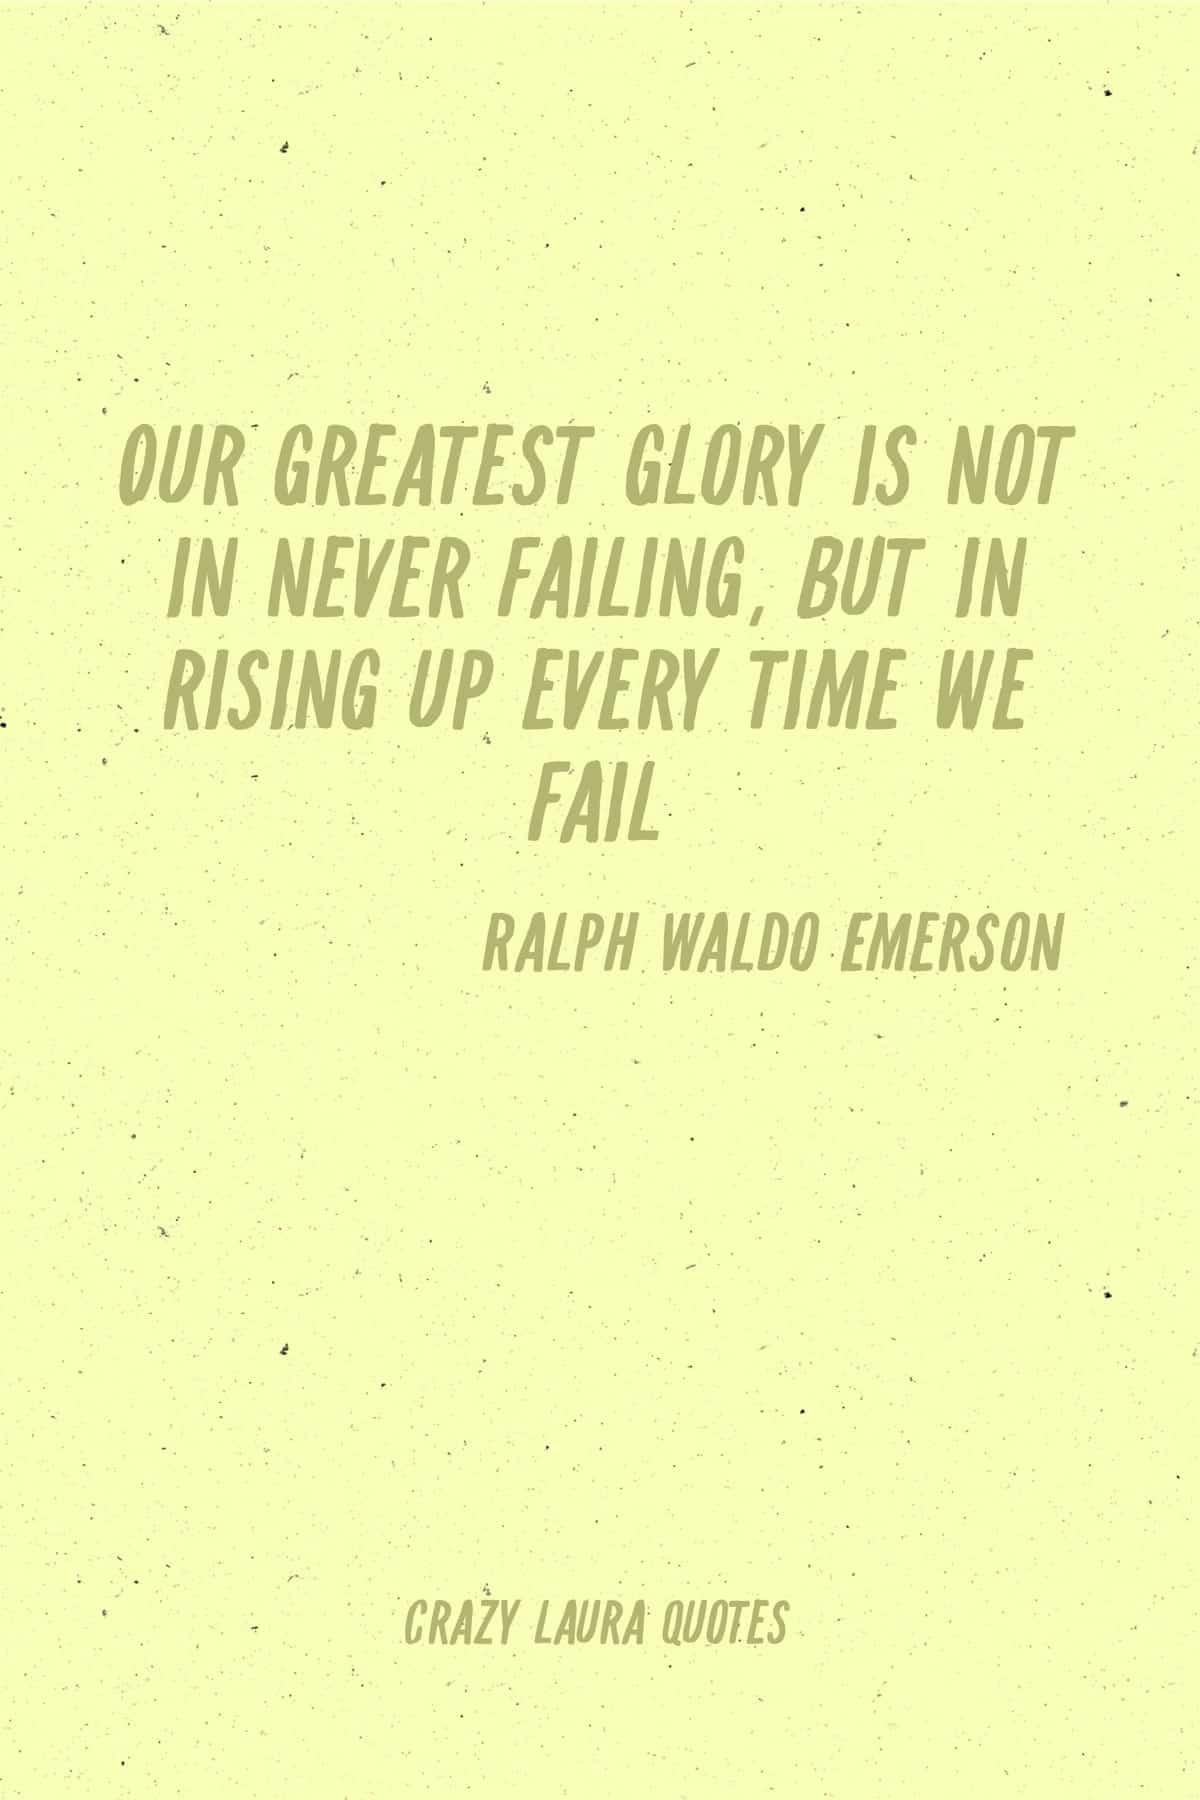 getting over failure ralph waldo emerson quote